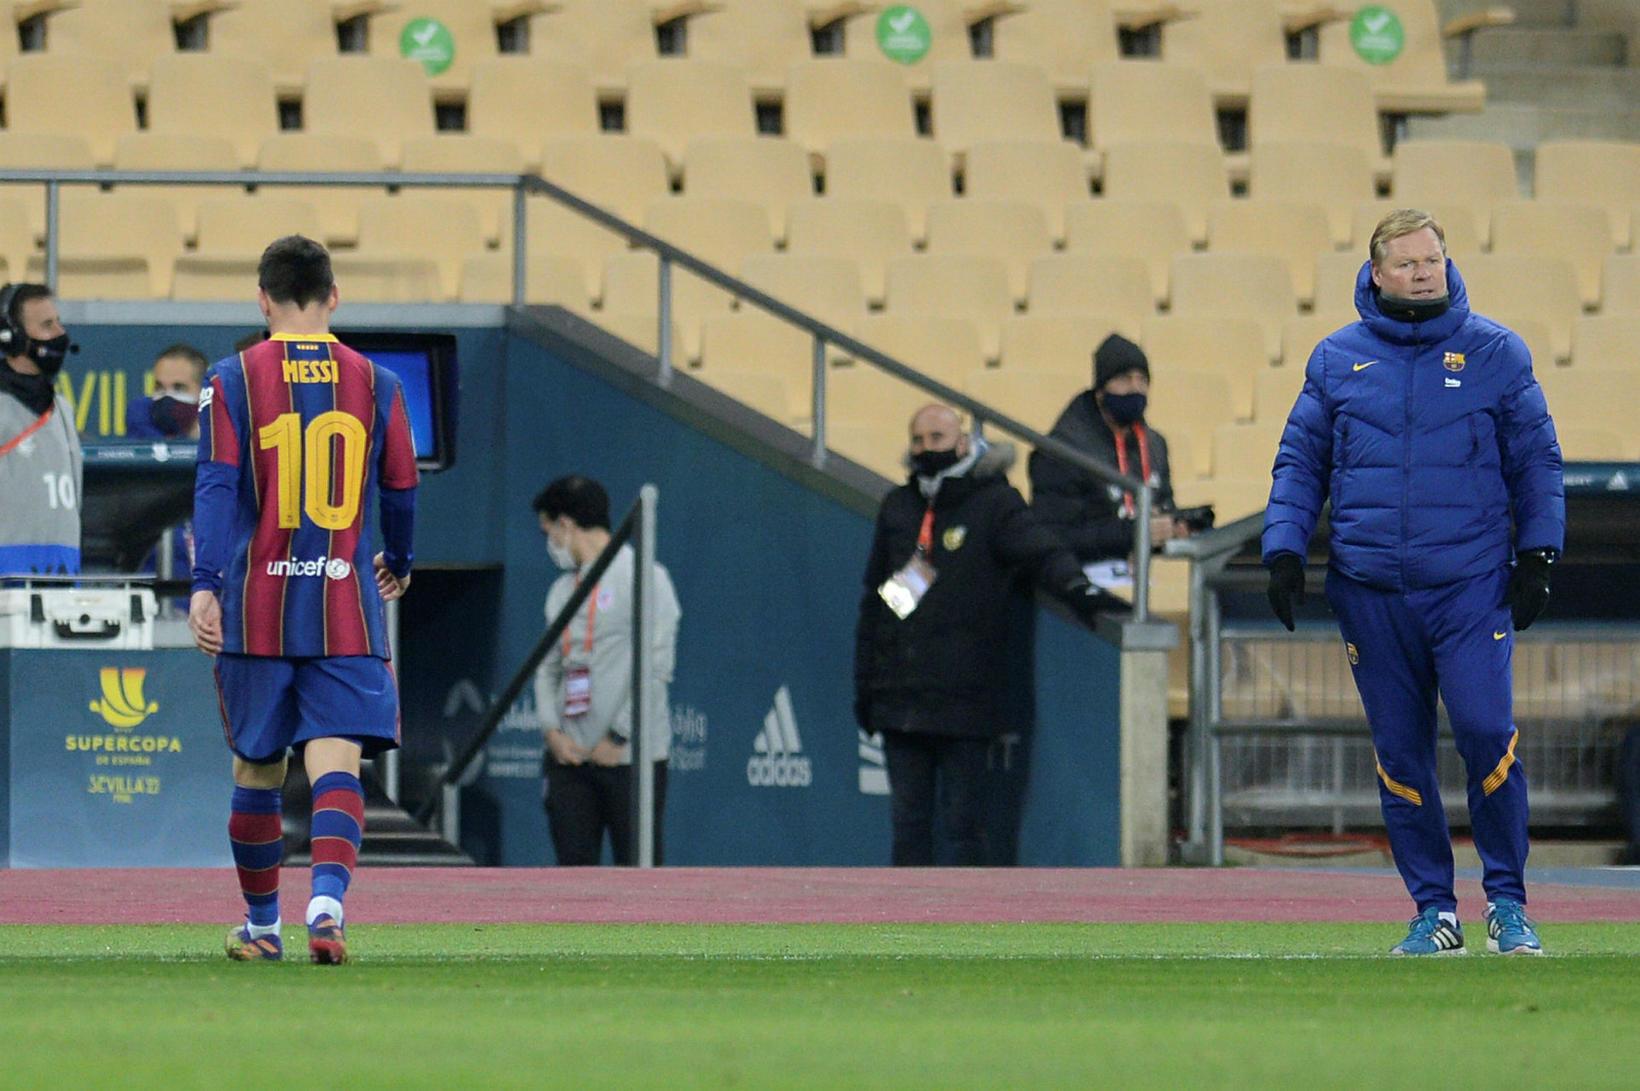 Messi gengur svekktur af velli eftir rauða spjaldið.